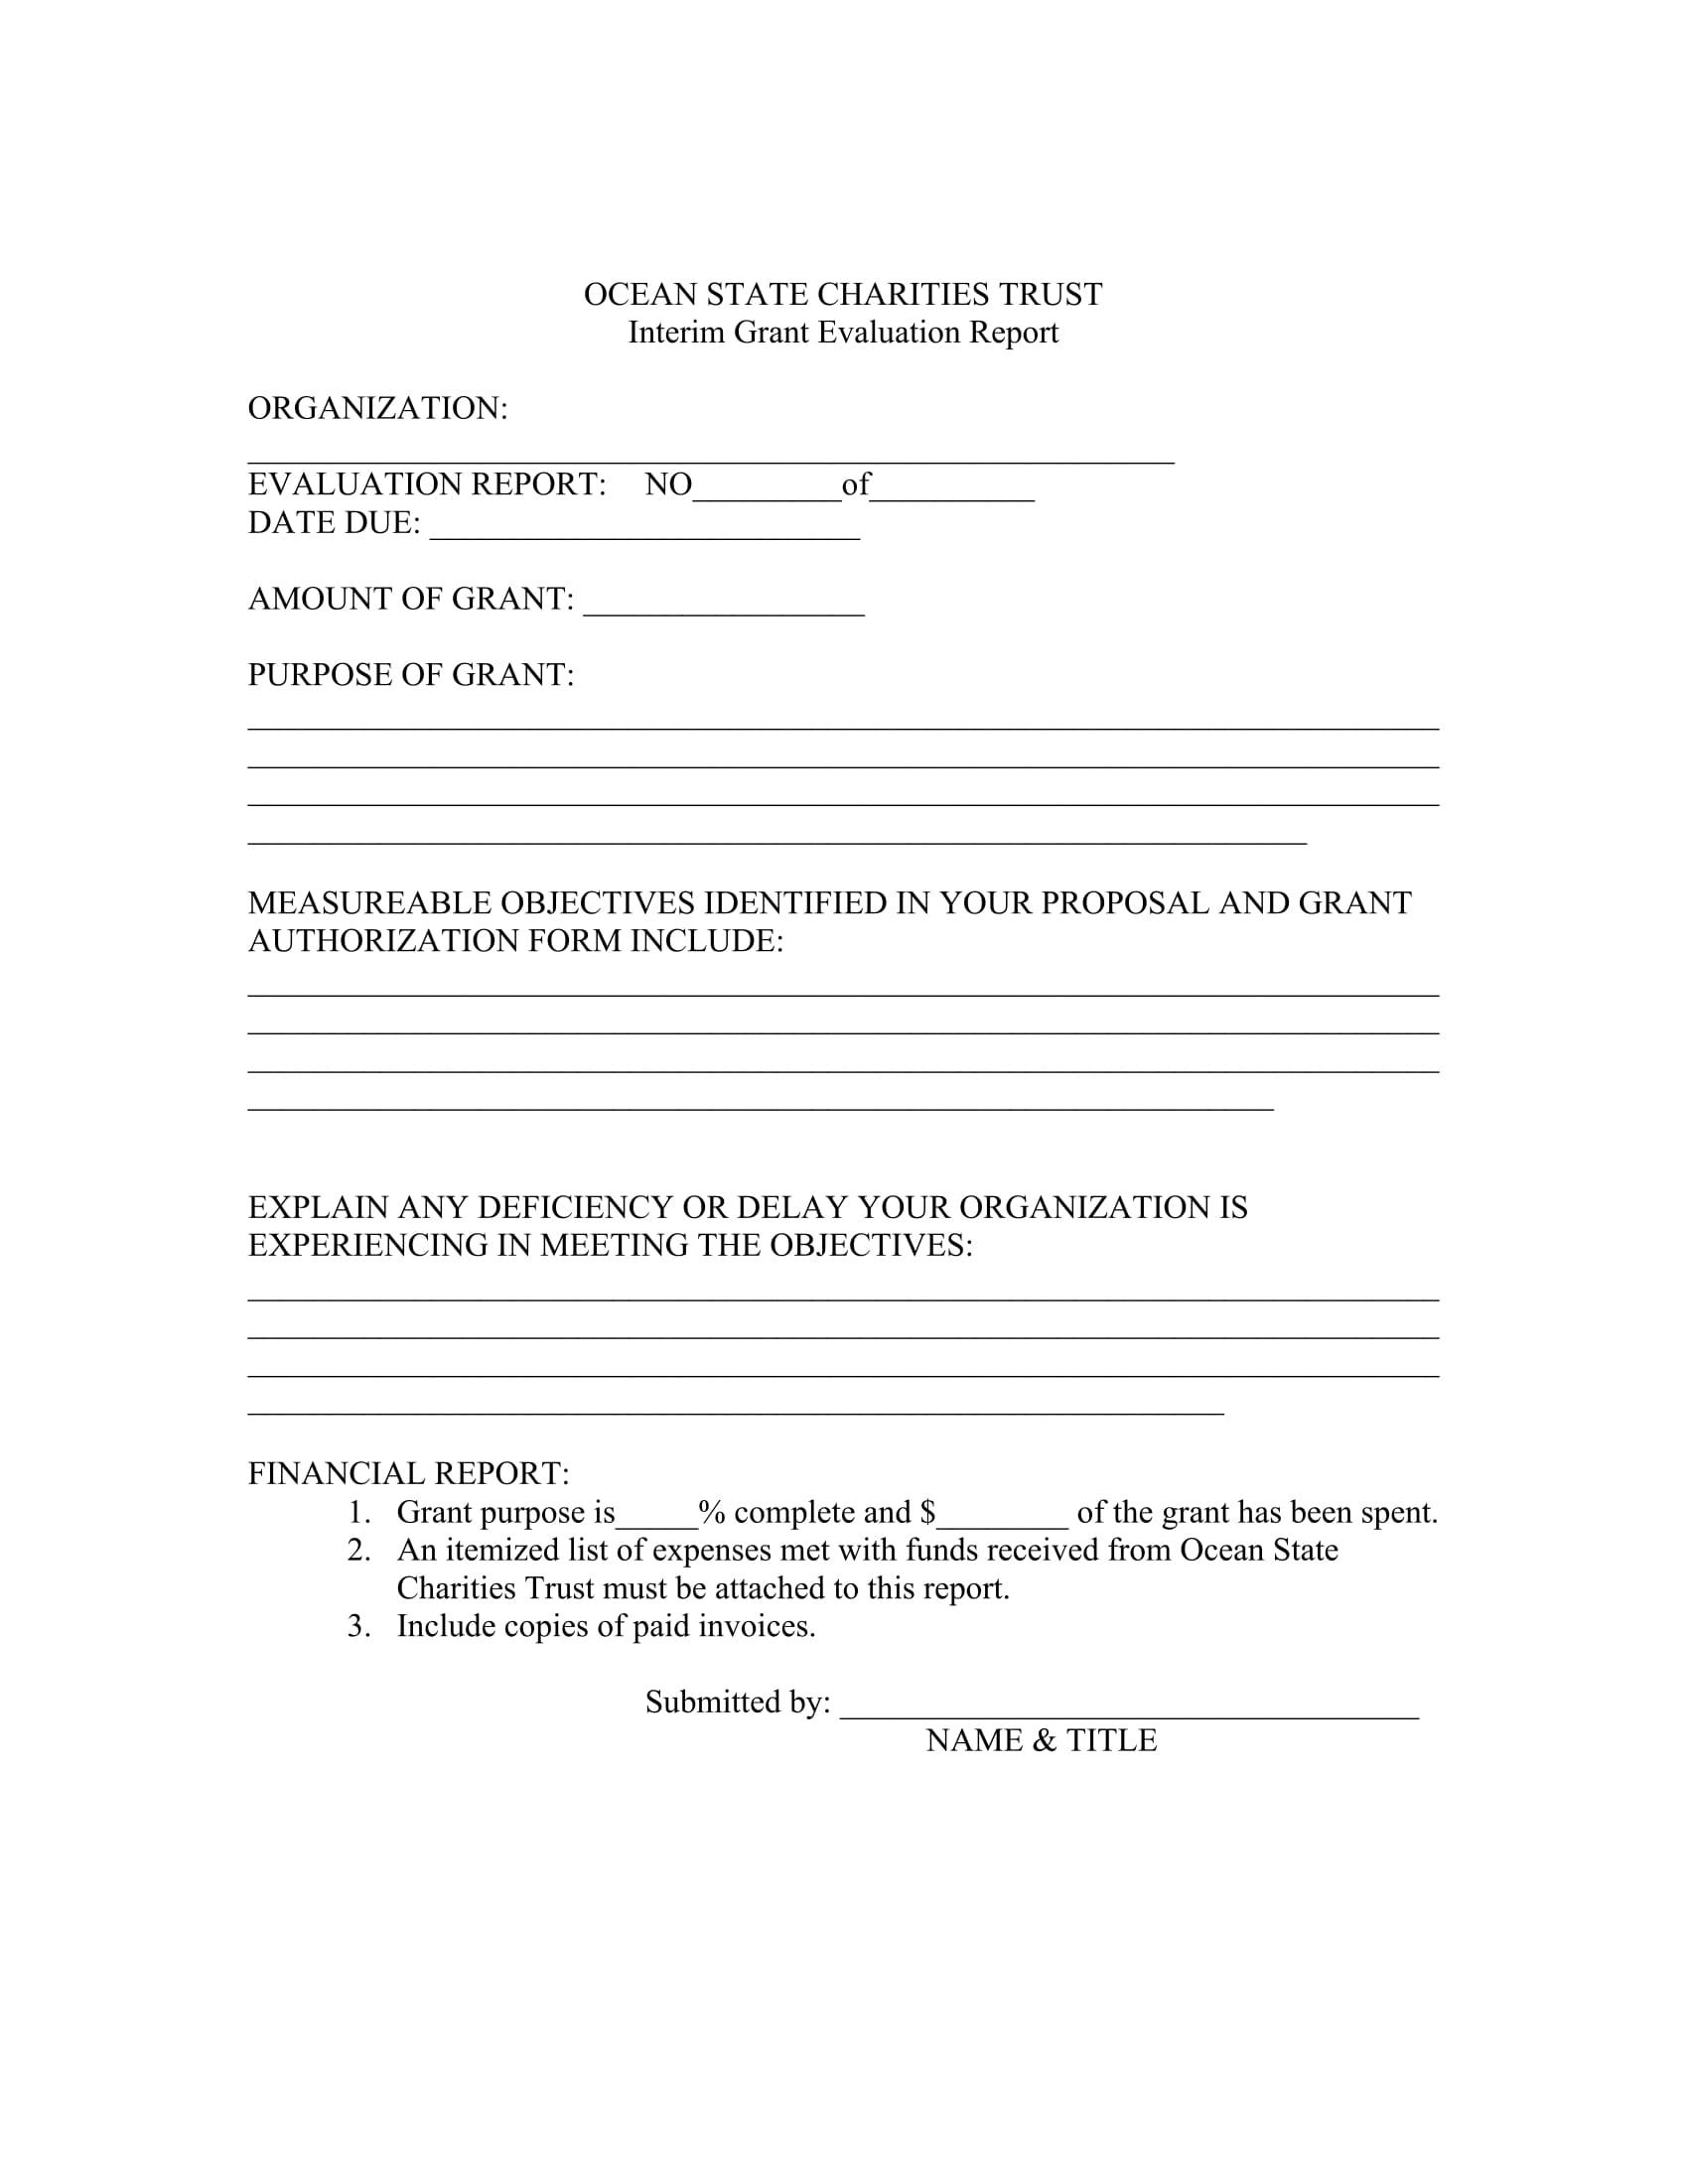 interim grant evaluation report form 1